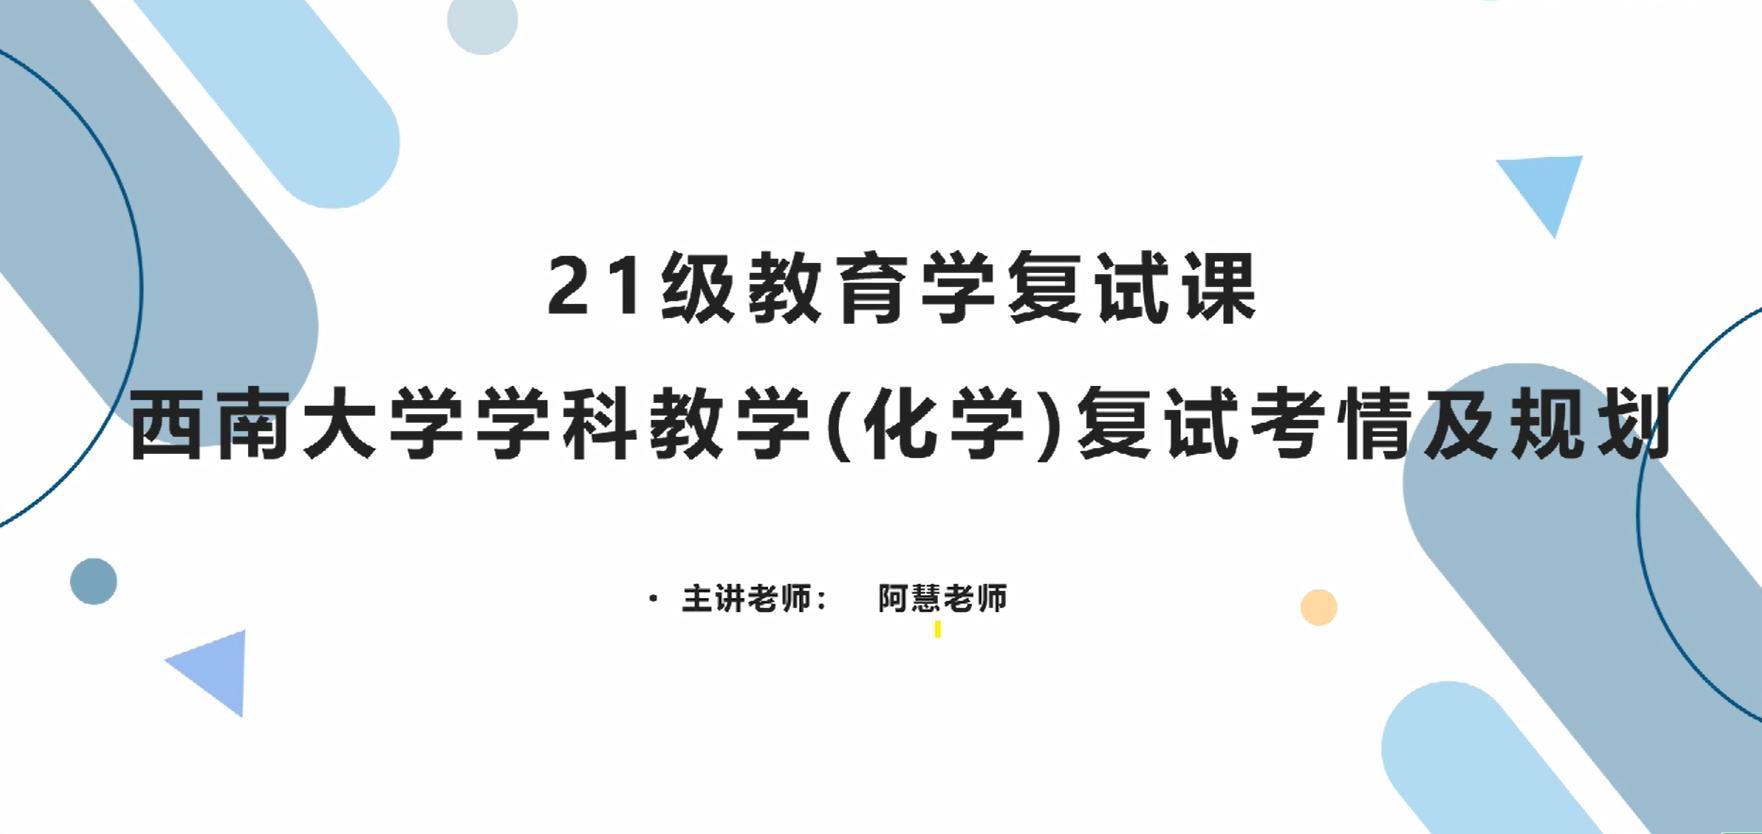 2021教育学考研之西南化学(1) :复试考情及规划课(上)